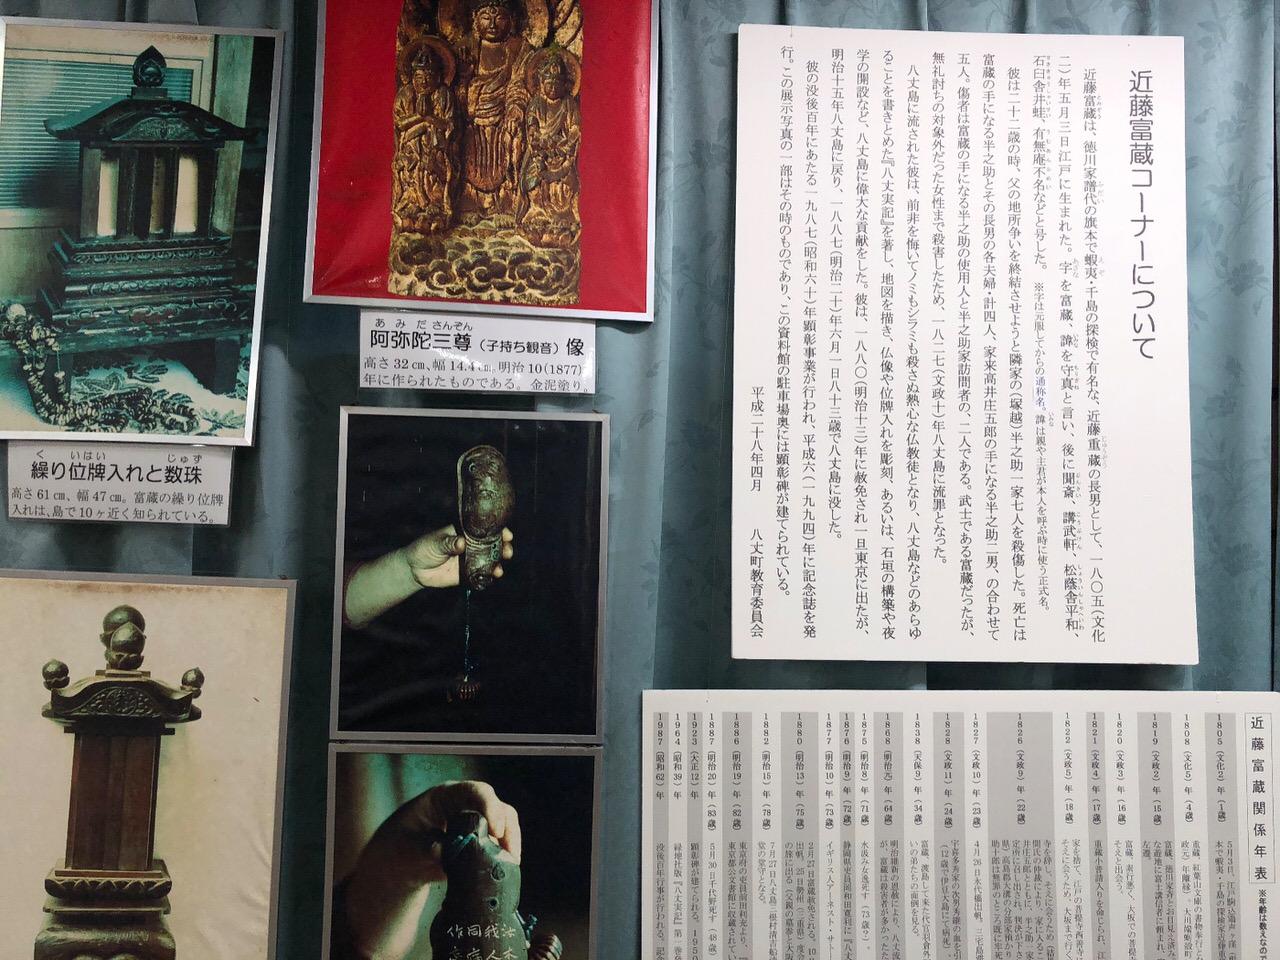 Hachijojima 16144106